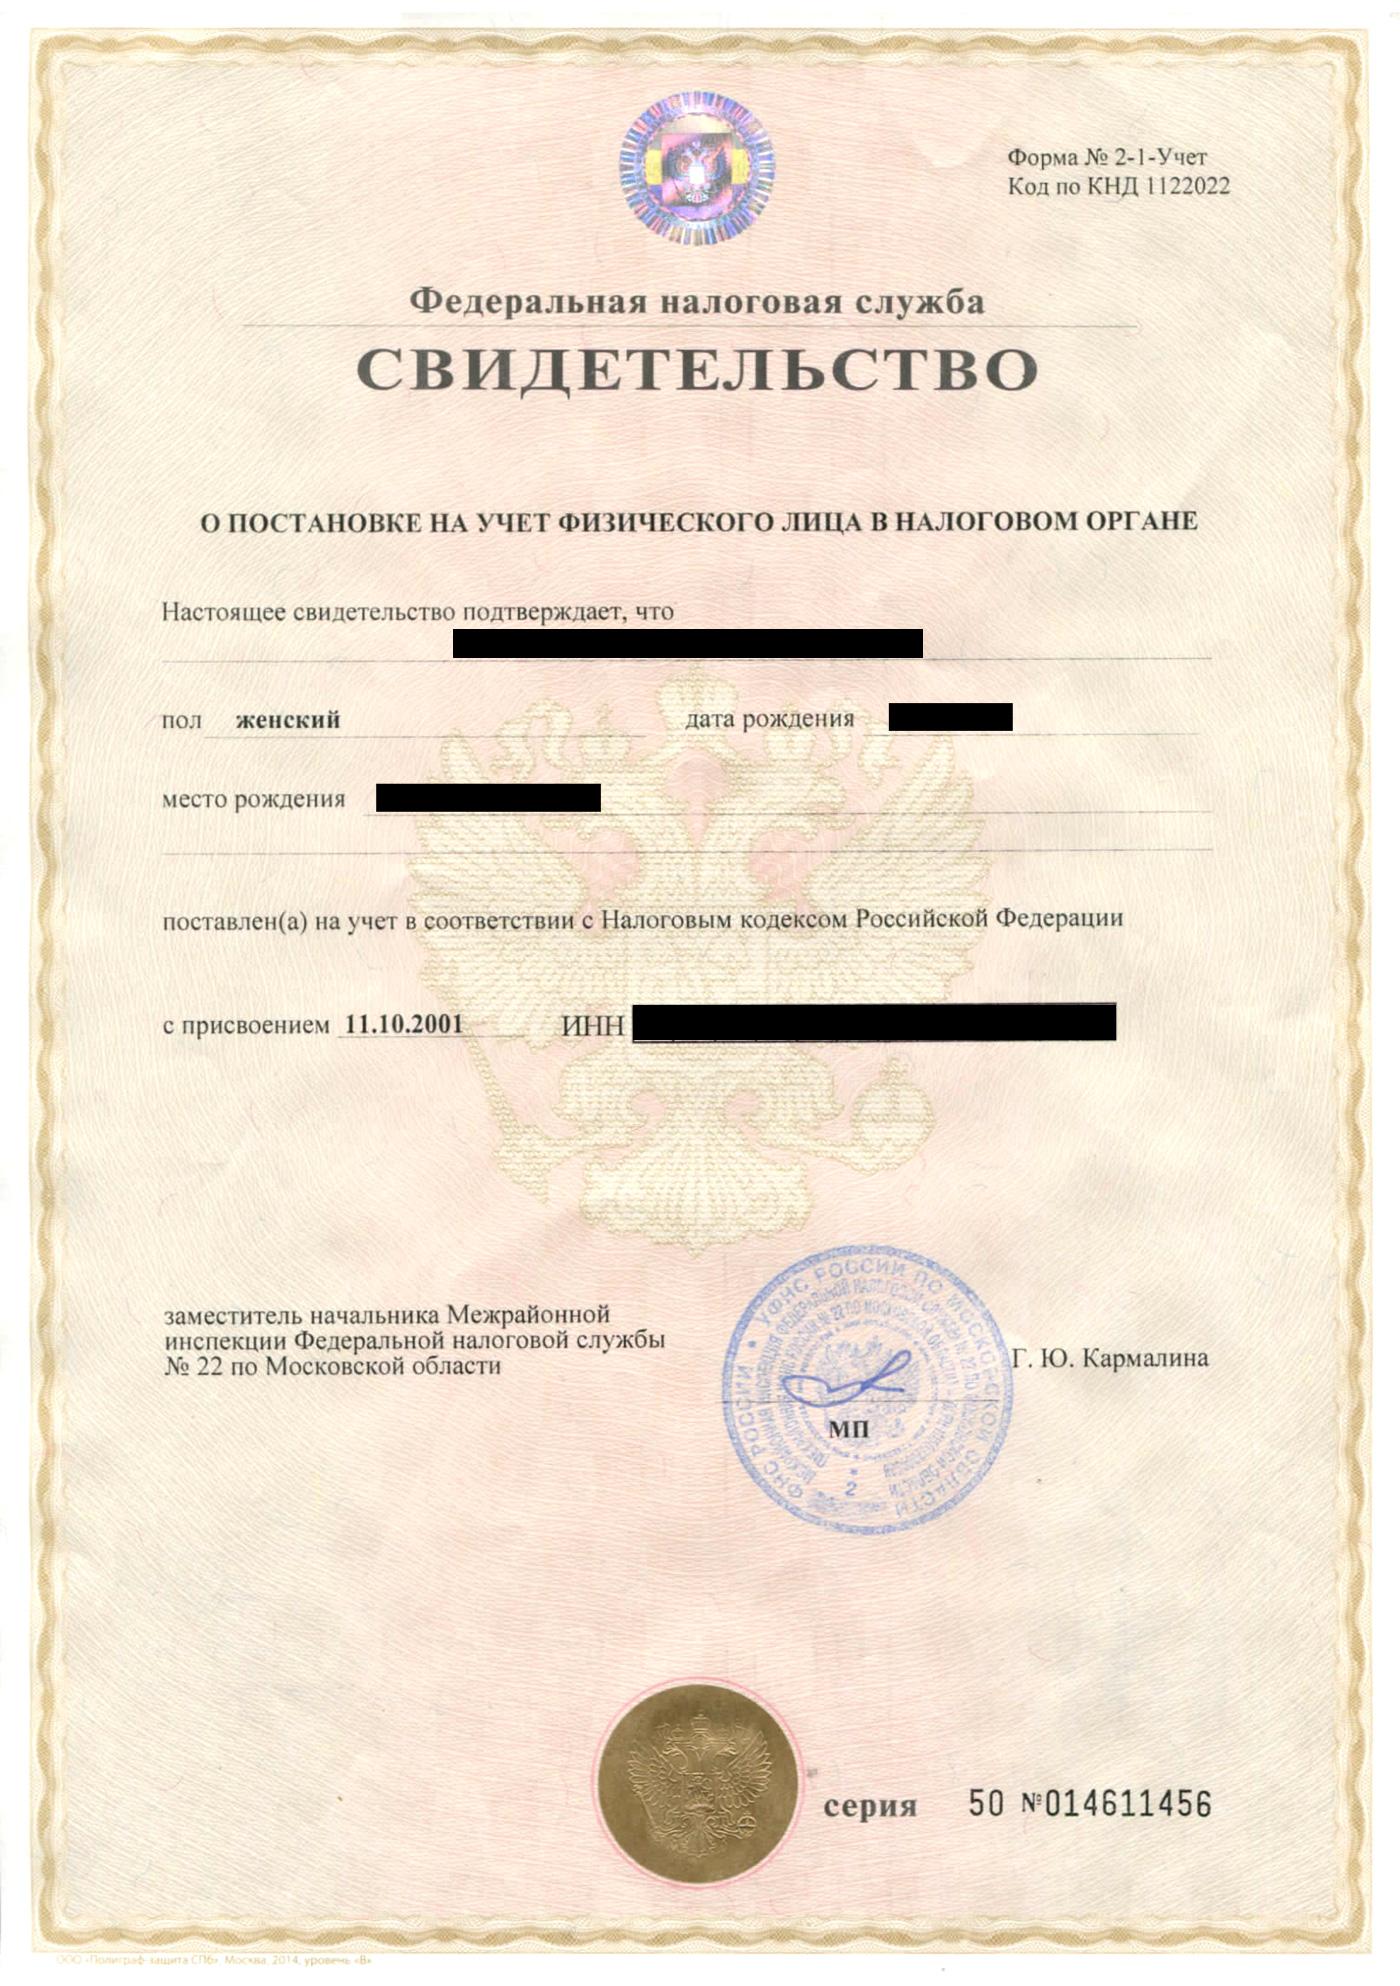 Как восстановить паспорт украины